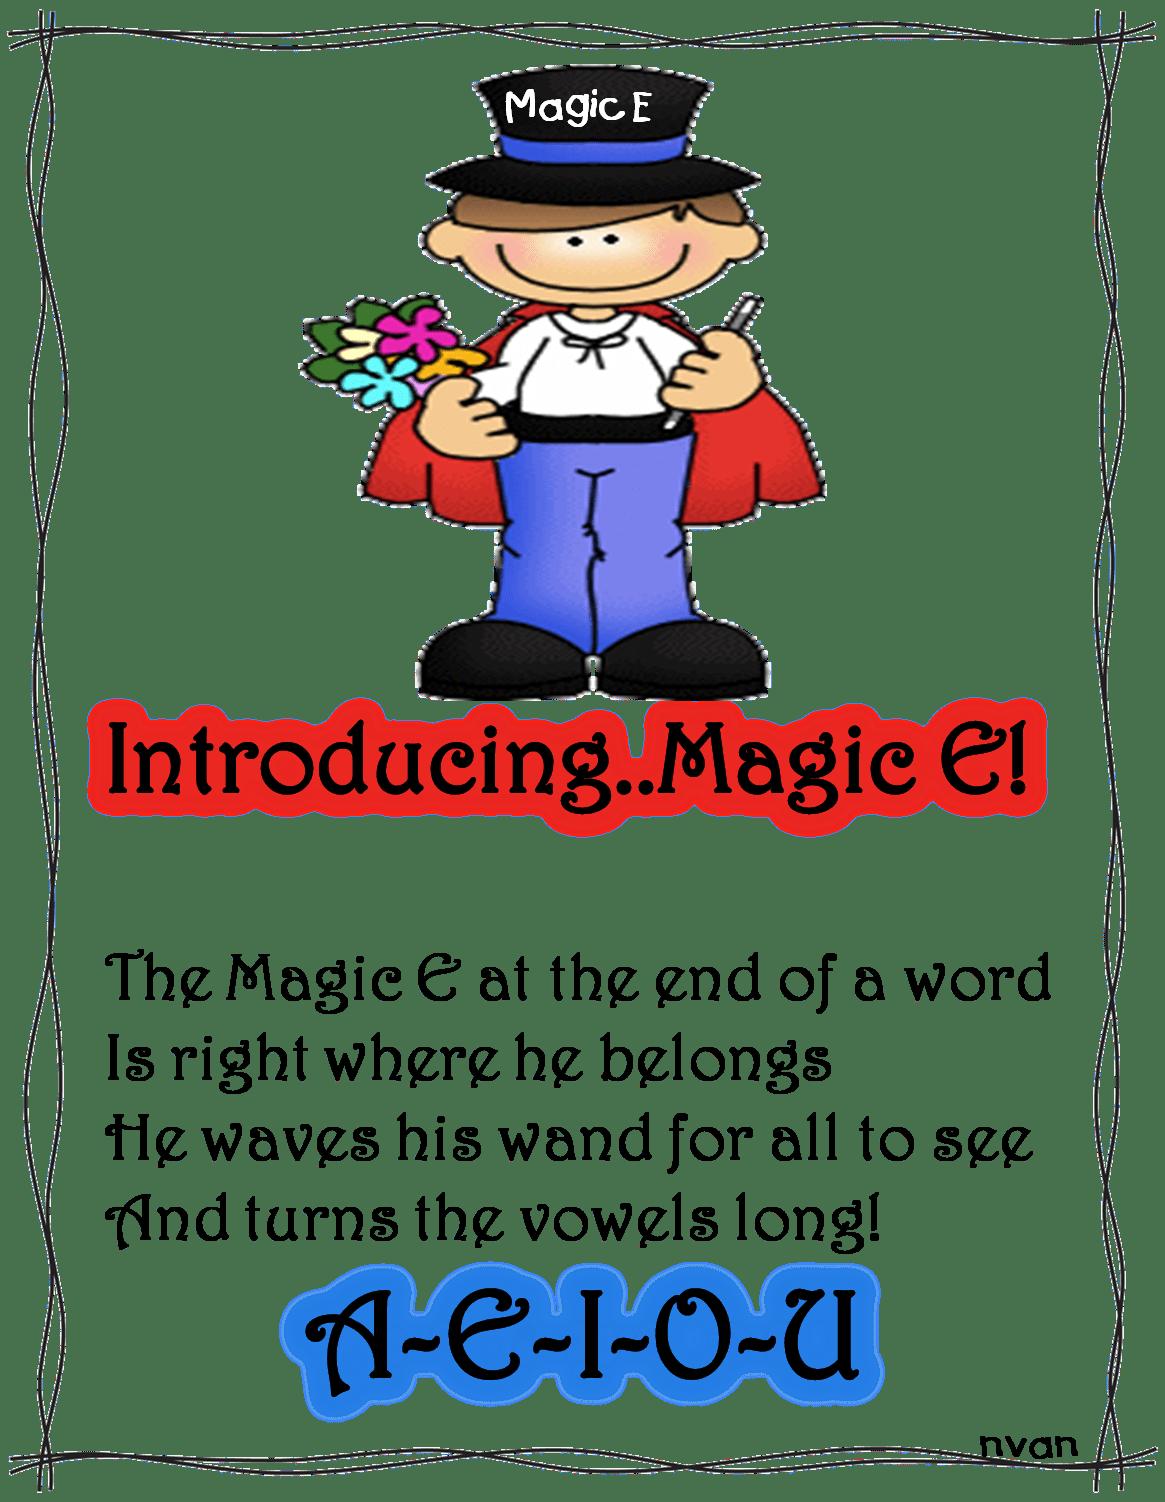 The Magic E